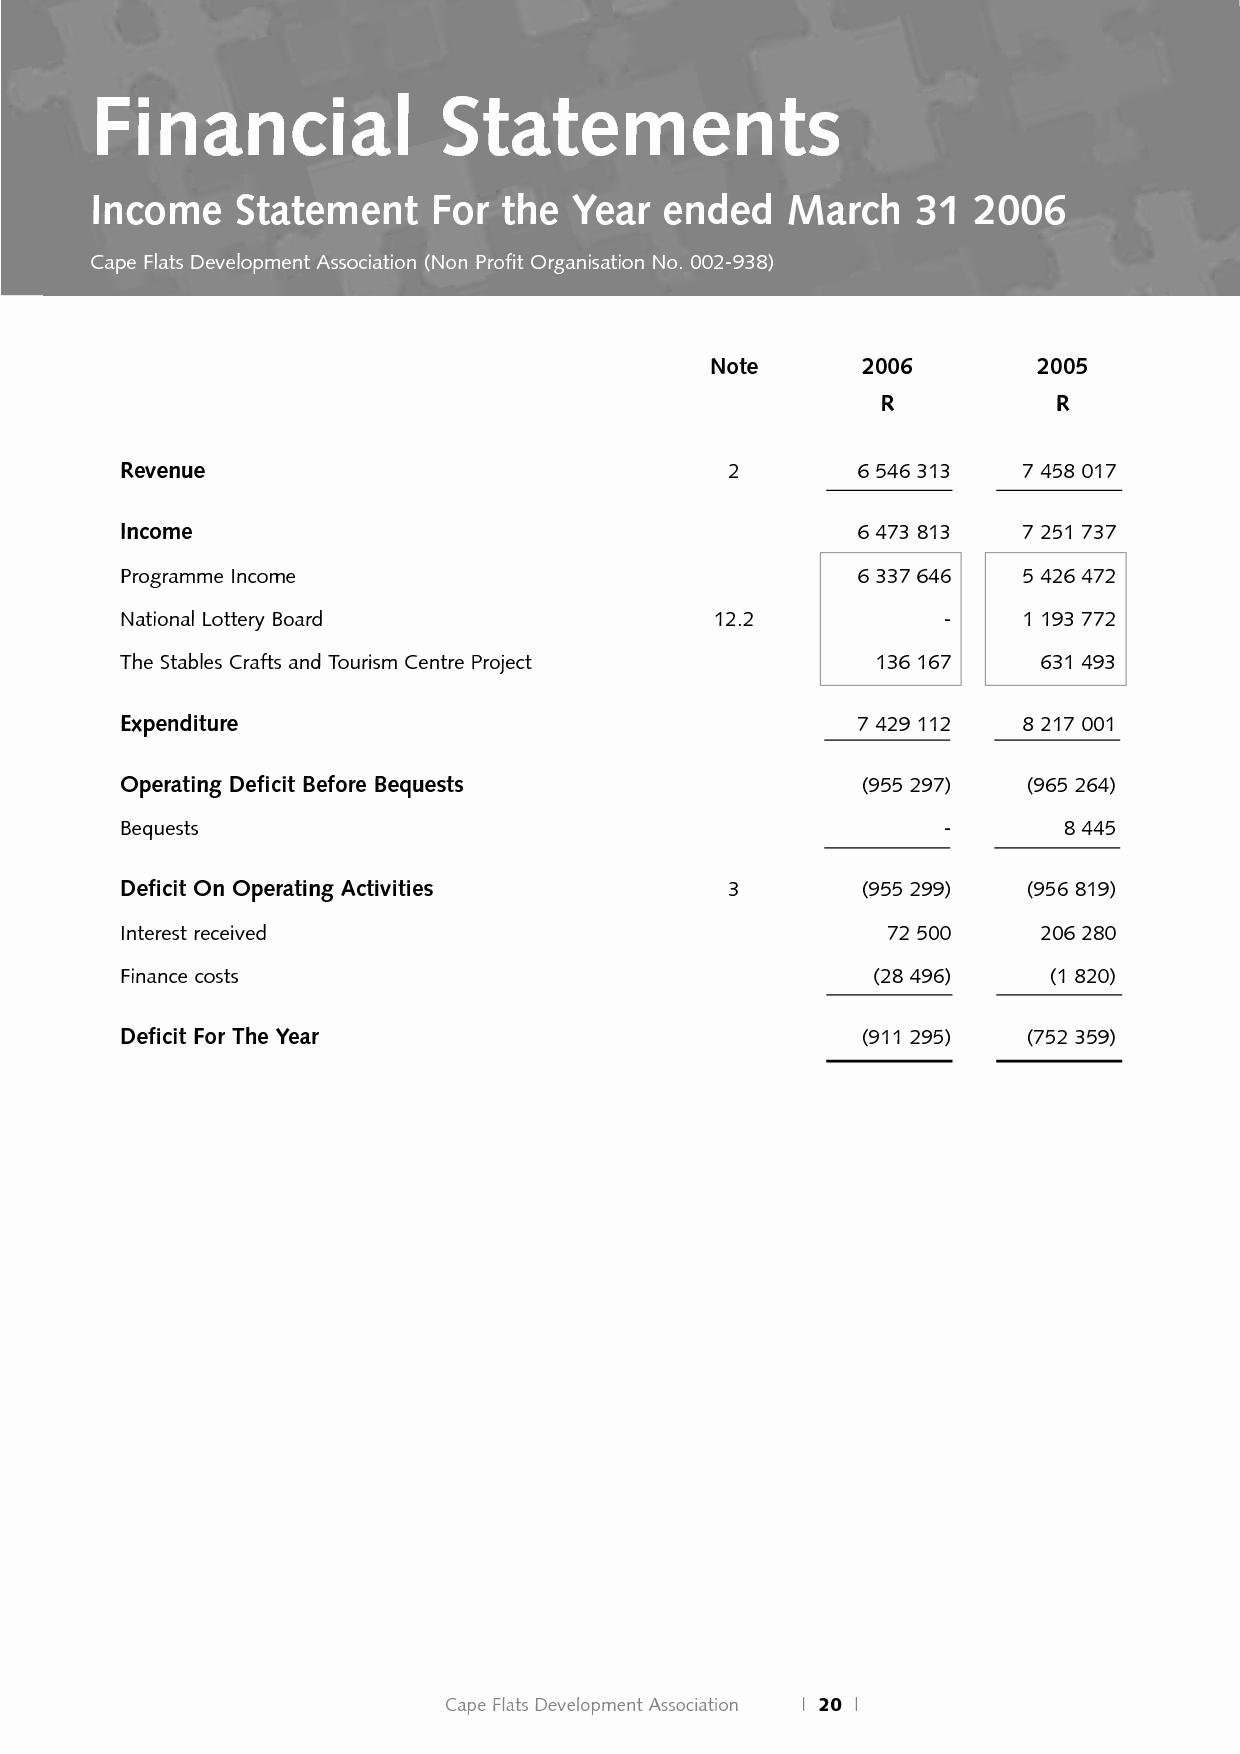 Non Profit Financial Statement Template Unique Non Profit Financial Statement Template